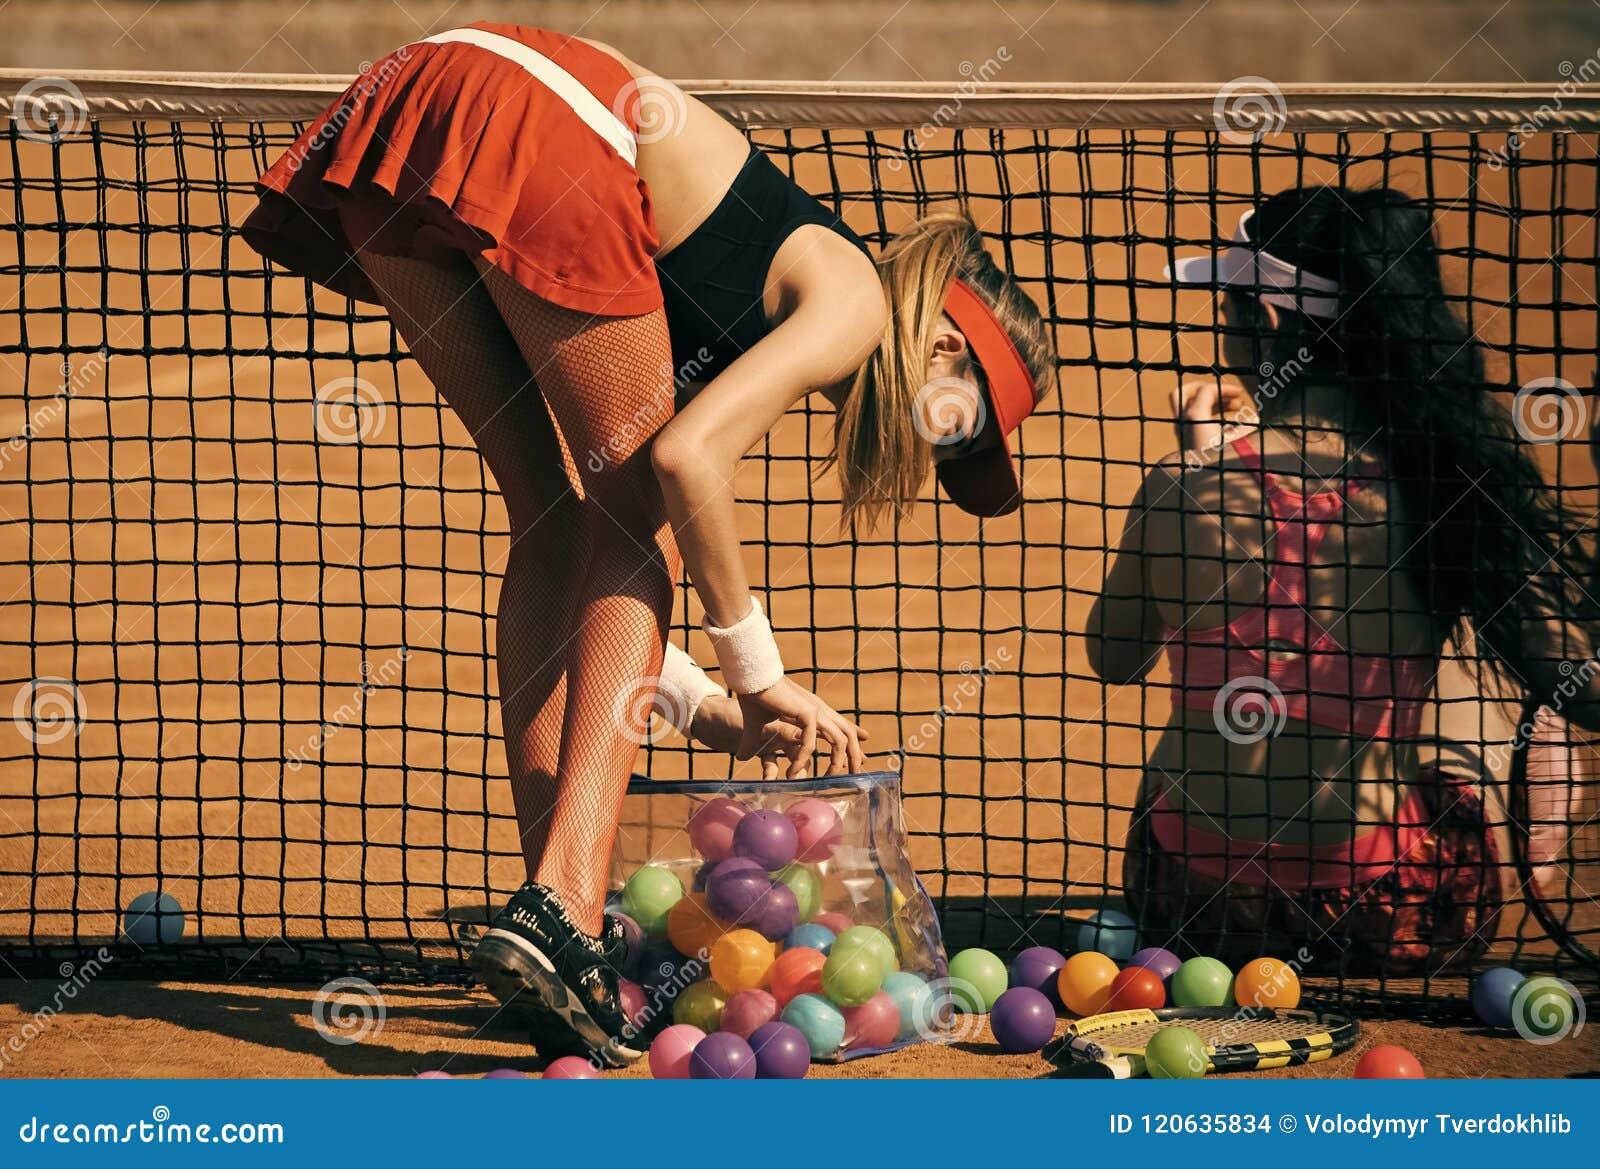 Grał w tenisa Aktywność, energia, energiczna